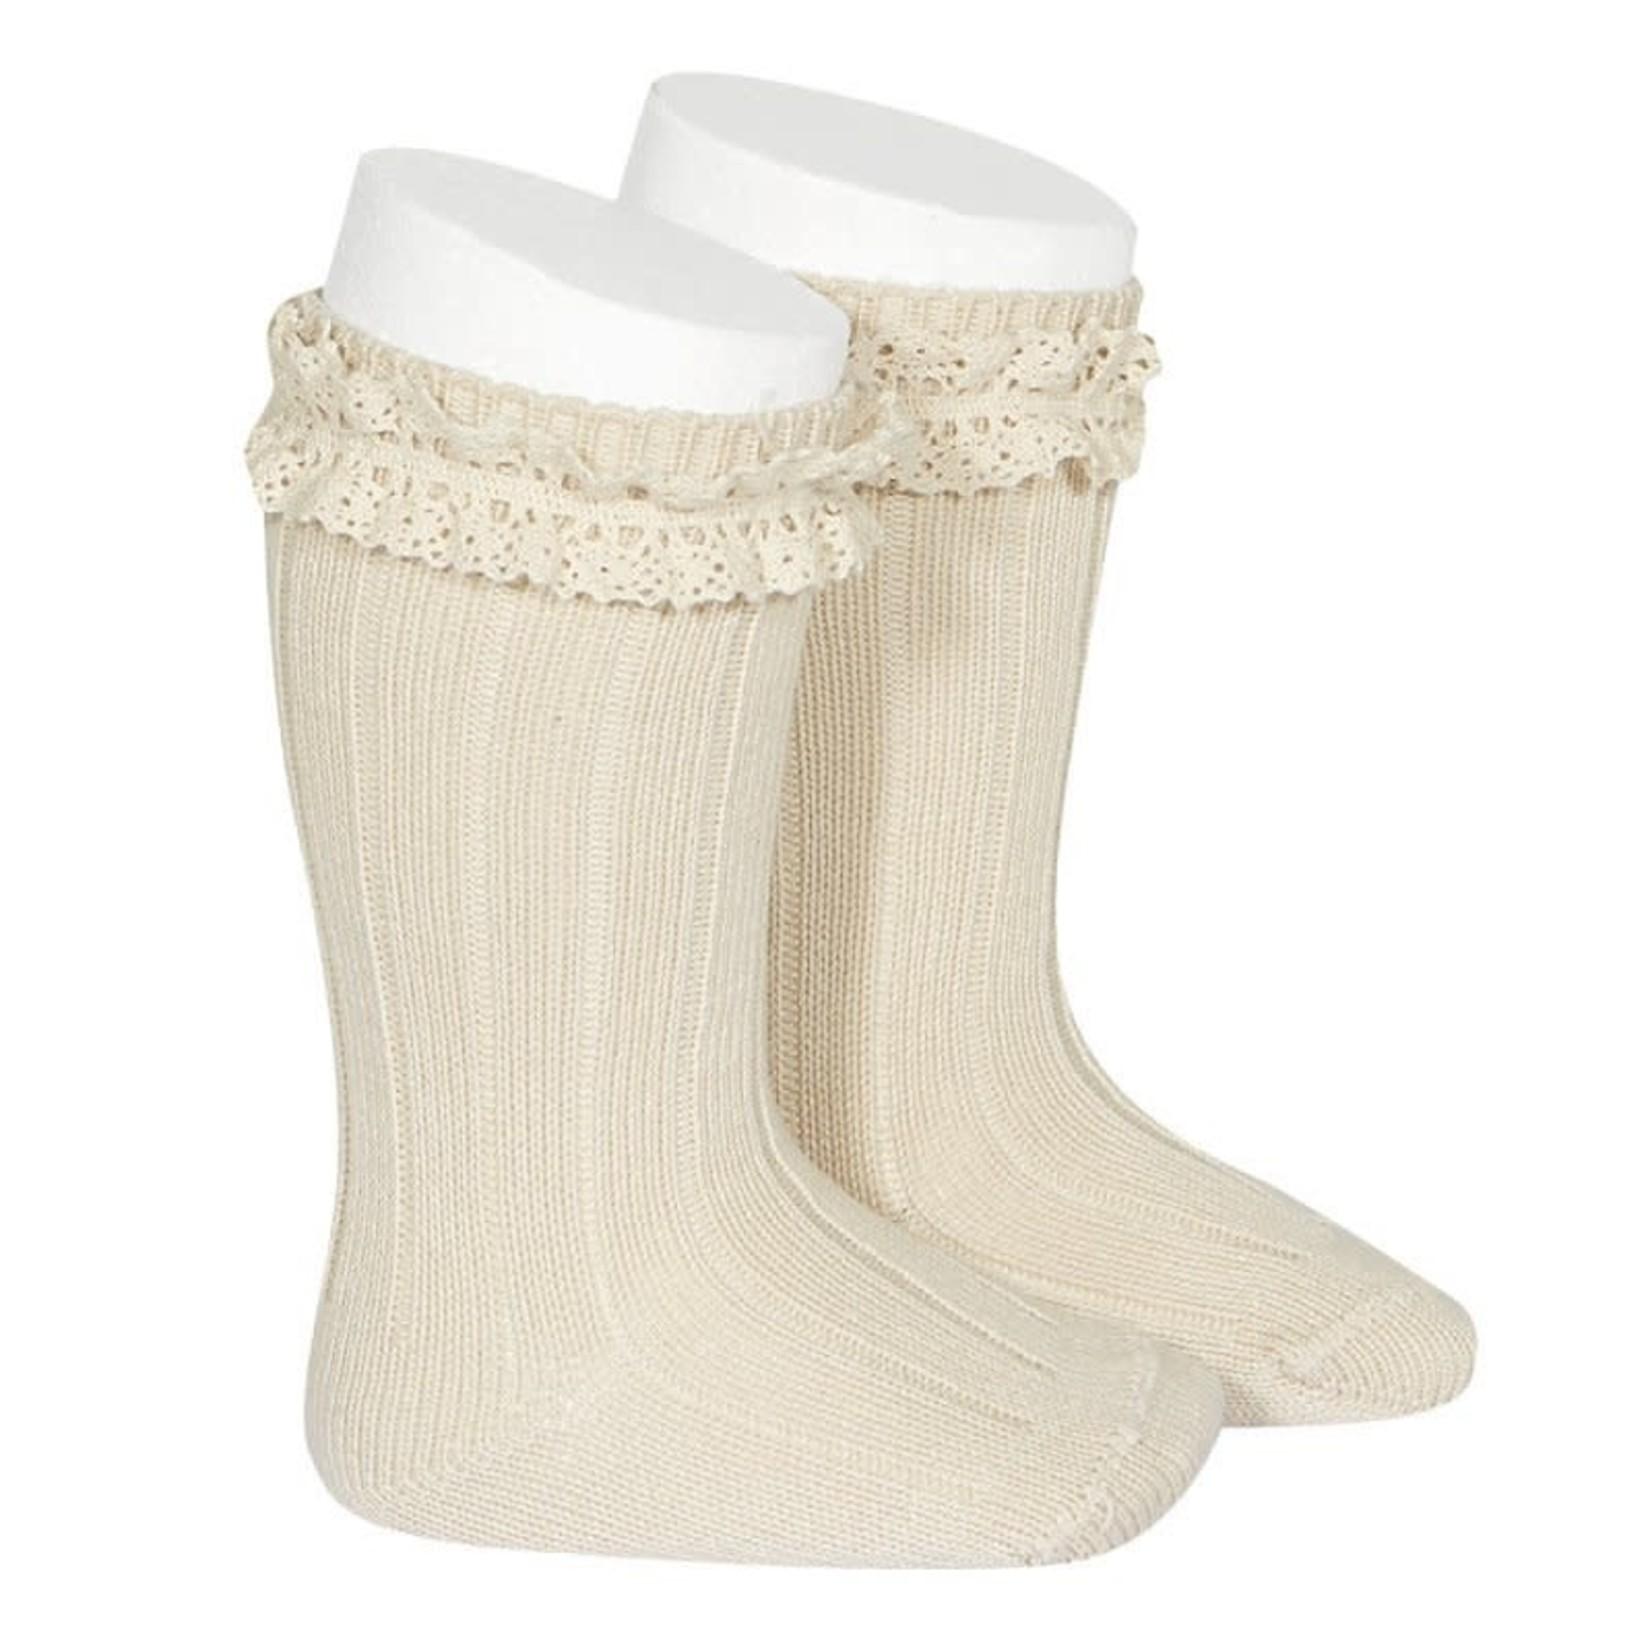 Condor Rib Socks Vintage - Lino